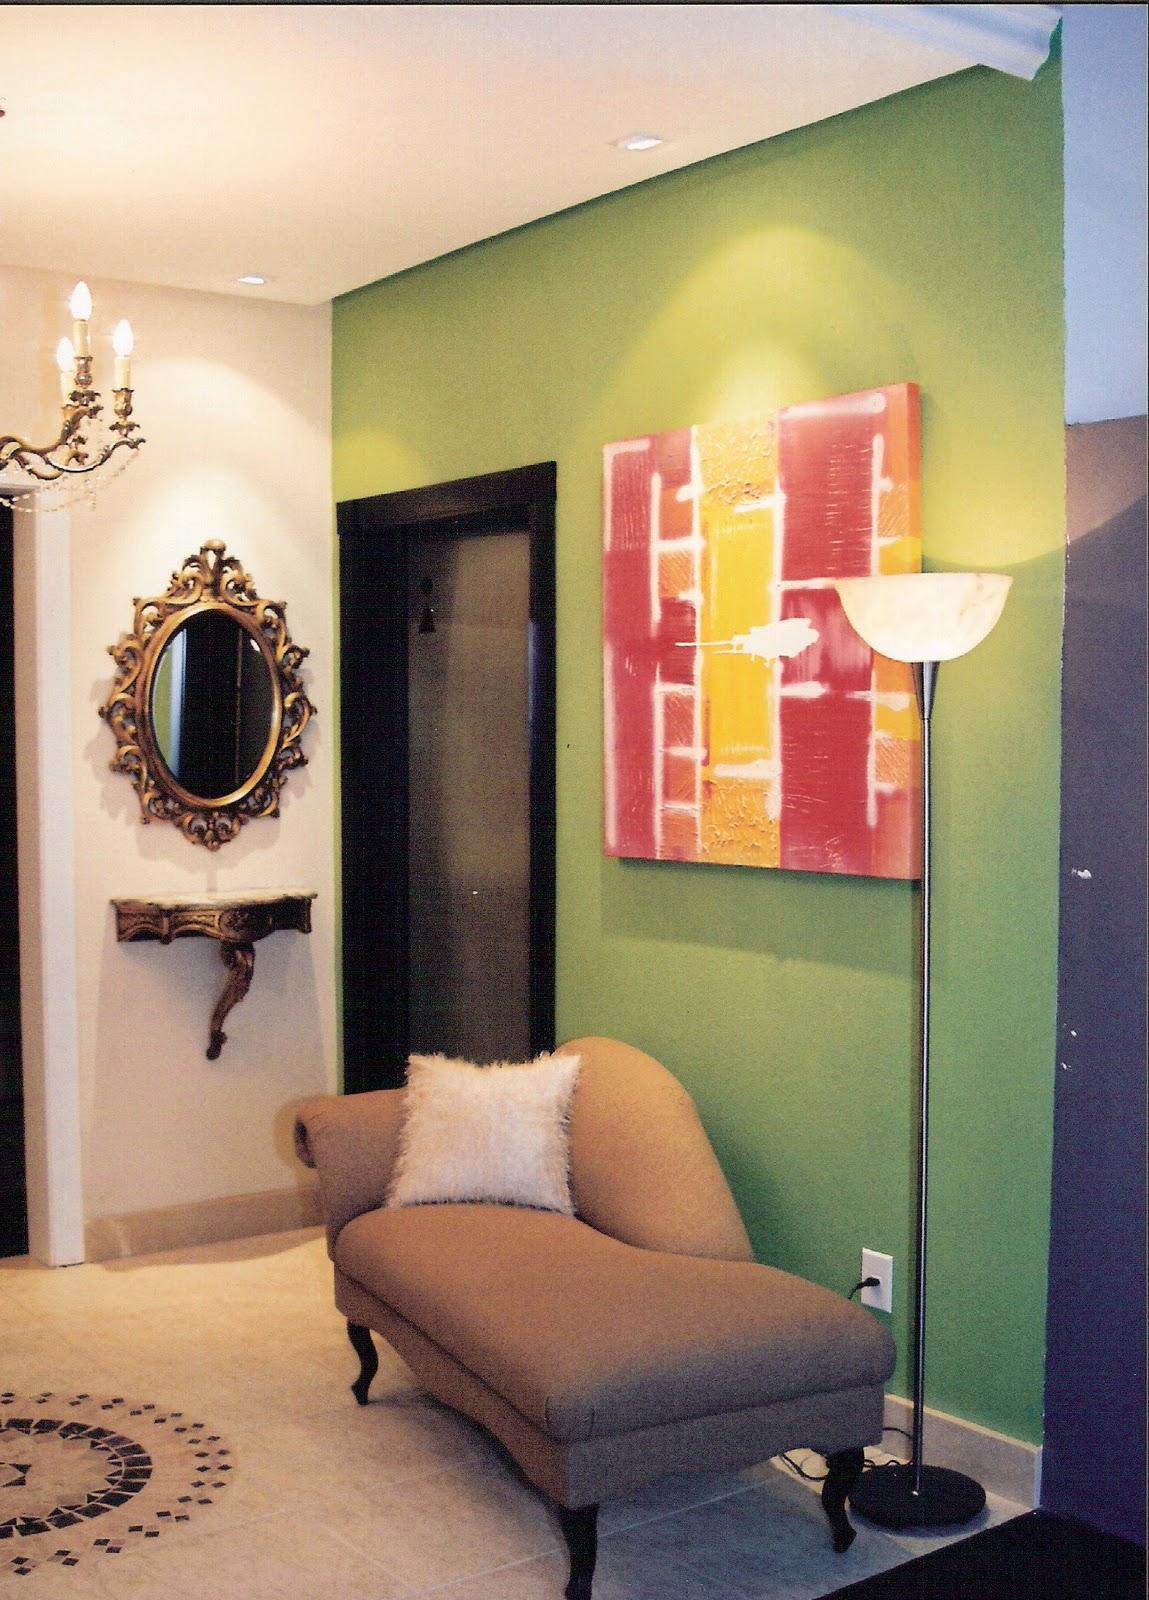 #9B3033 primeira edição da Casa & Cia Serra aconteceu no antigo prédio do  1149x1600 px Banheiro Publico Arquitetura 2013